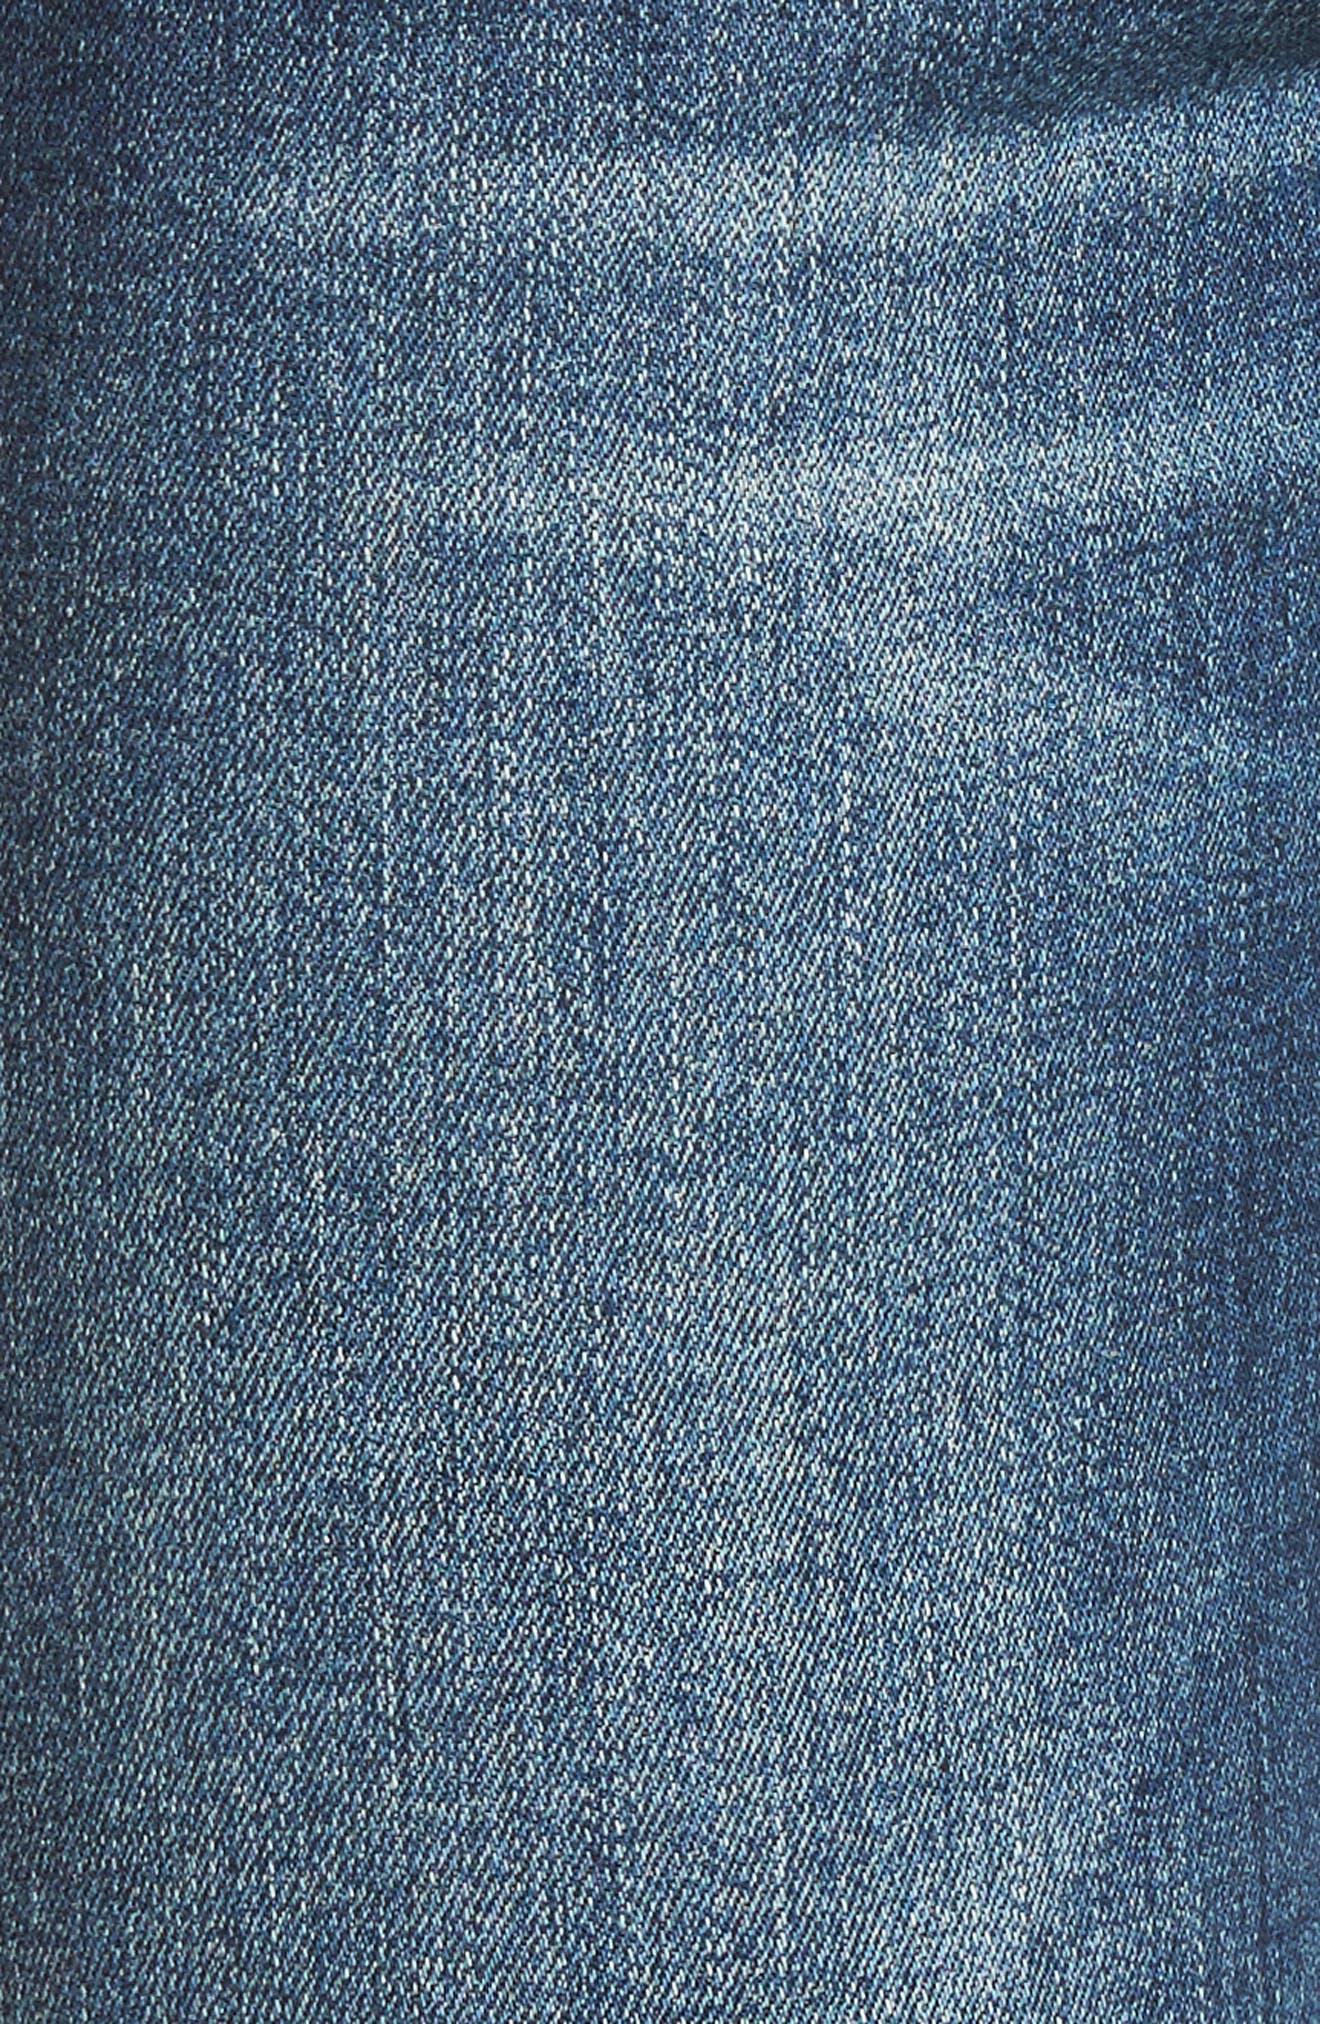 Piper Grommet Detail Skinny Jeans,                             Alternate thumbnail 5, color,